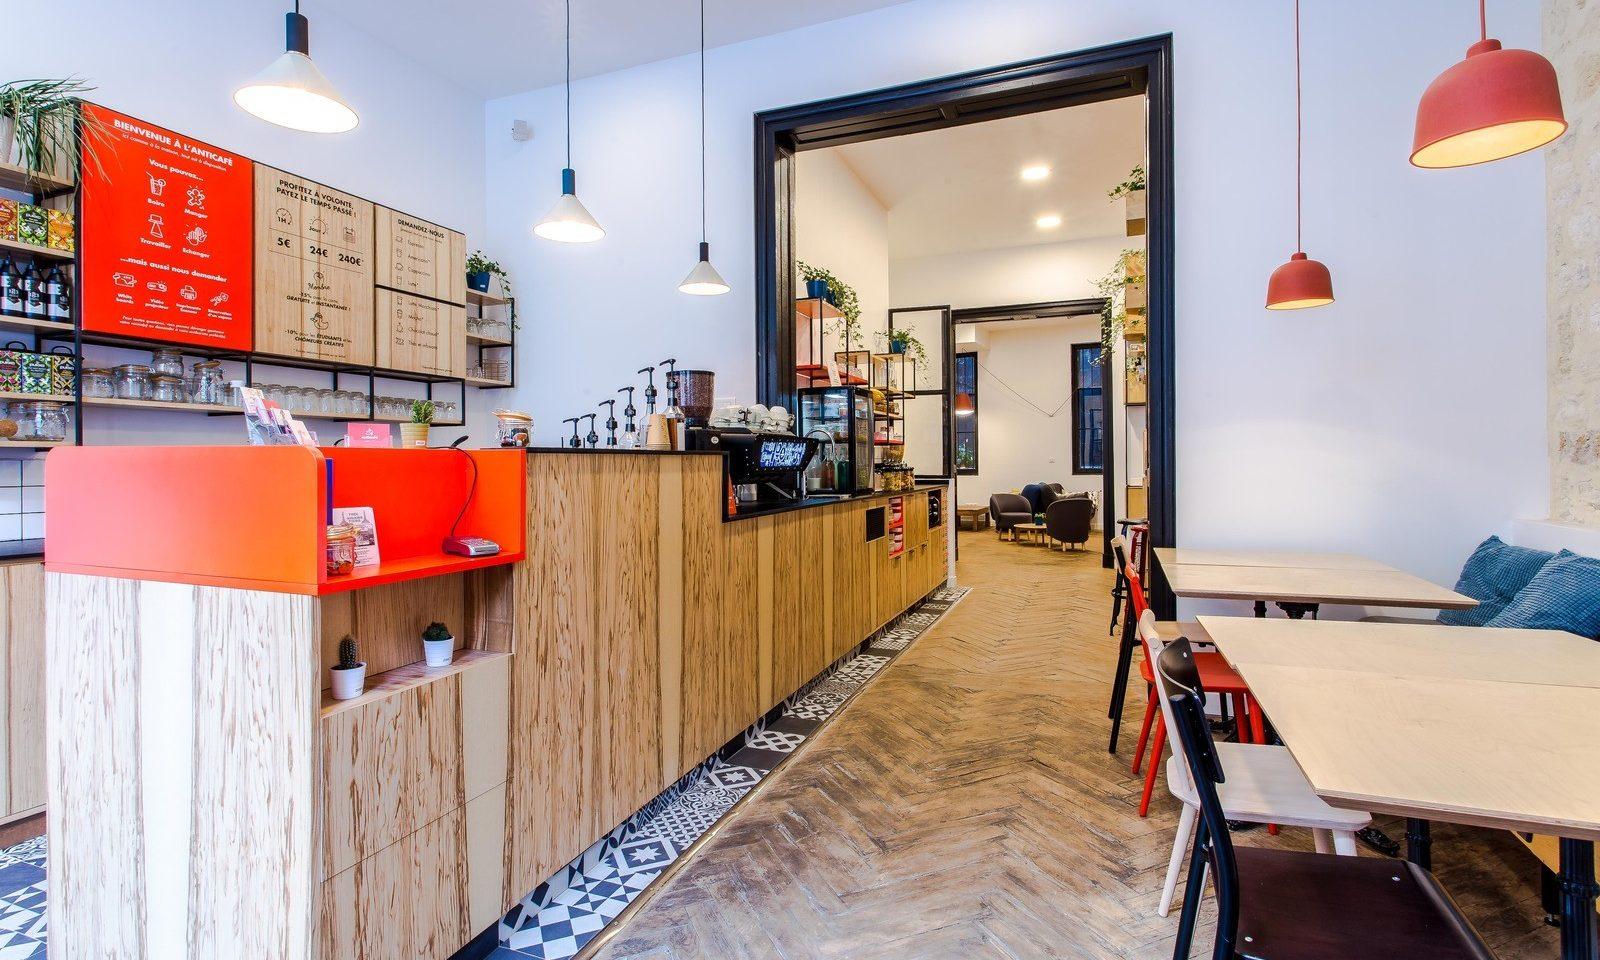 AnticaféBordeaux 1 1 - Anticafé